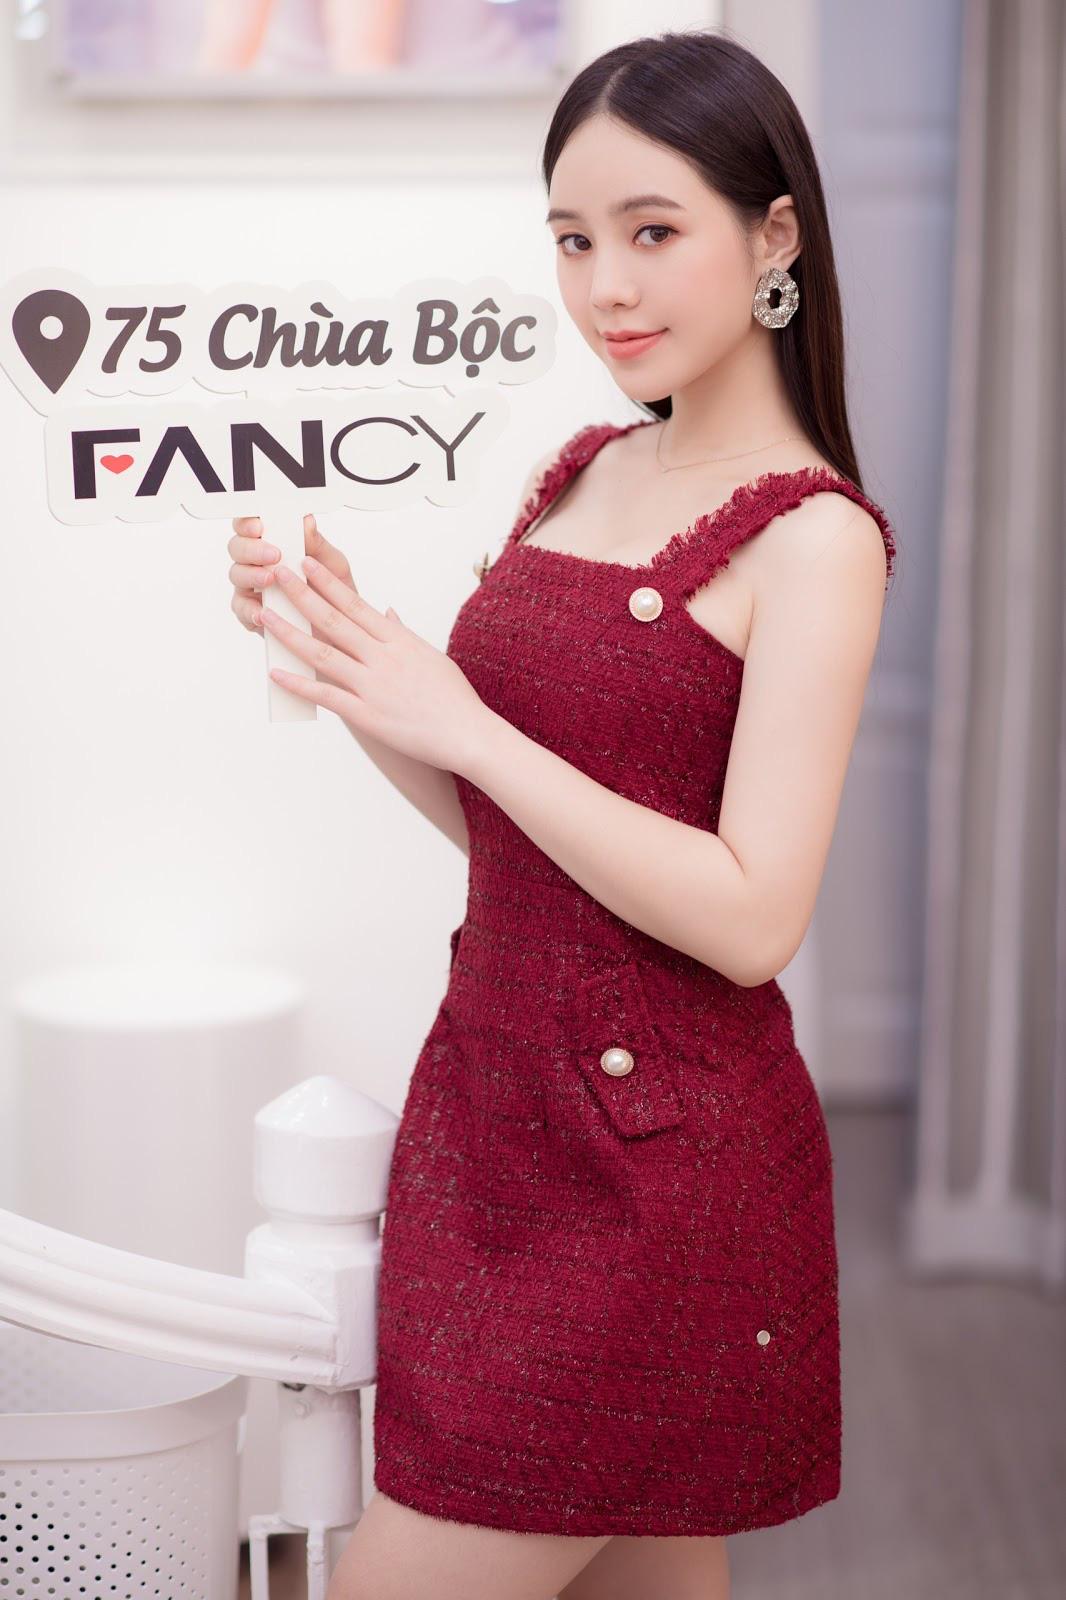 Thu đến rồi, nghe diễn viên Quỳnh Kool mách những item váy vóc cho quý cô sành điệu - Ảnh 6.